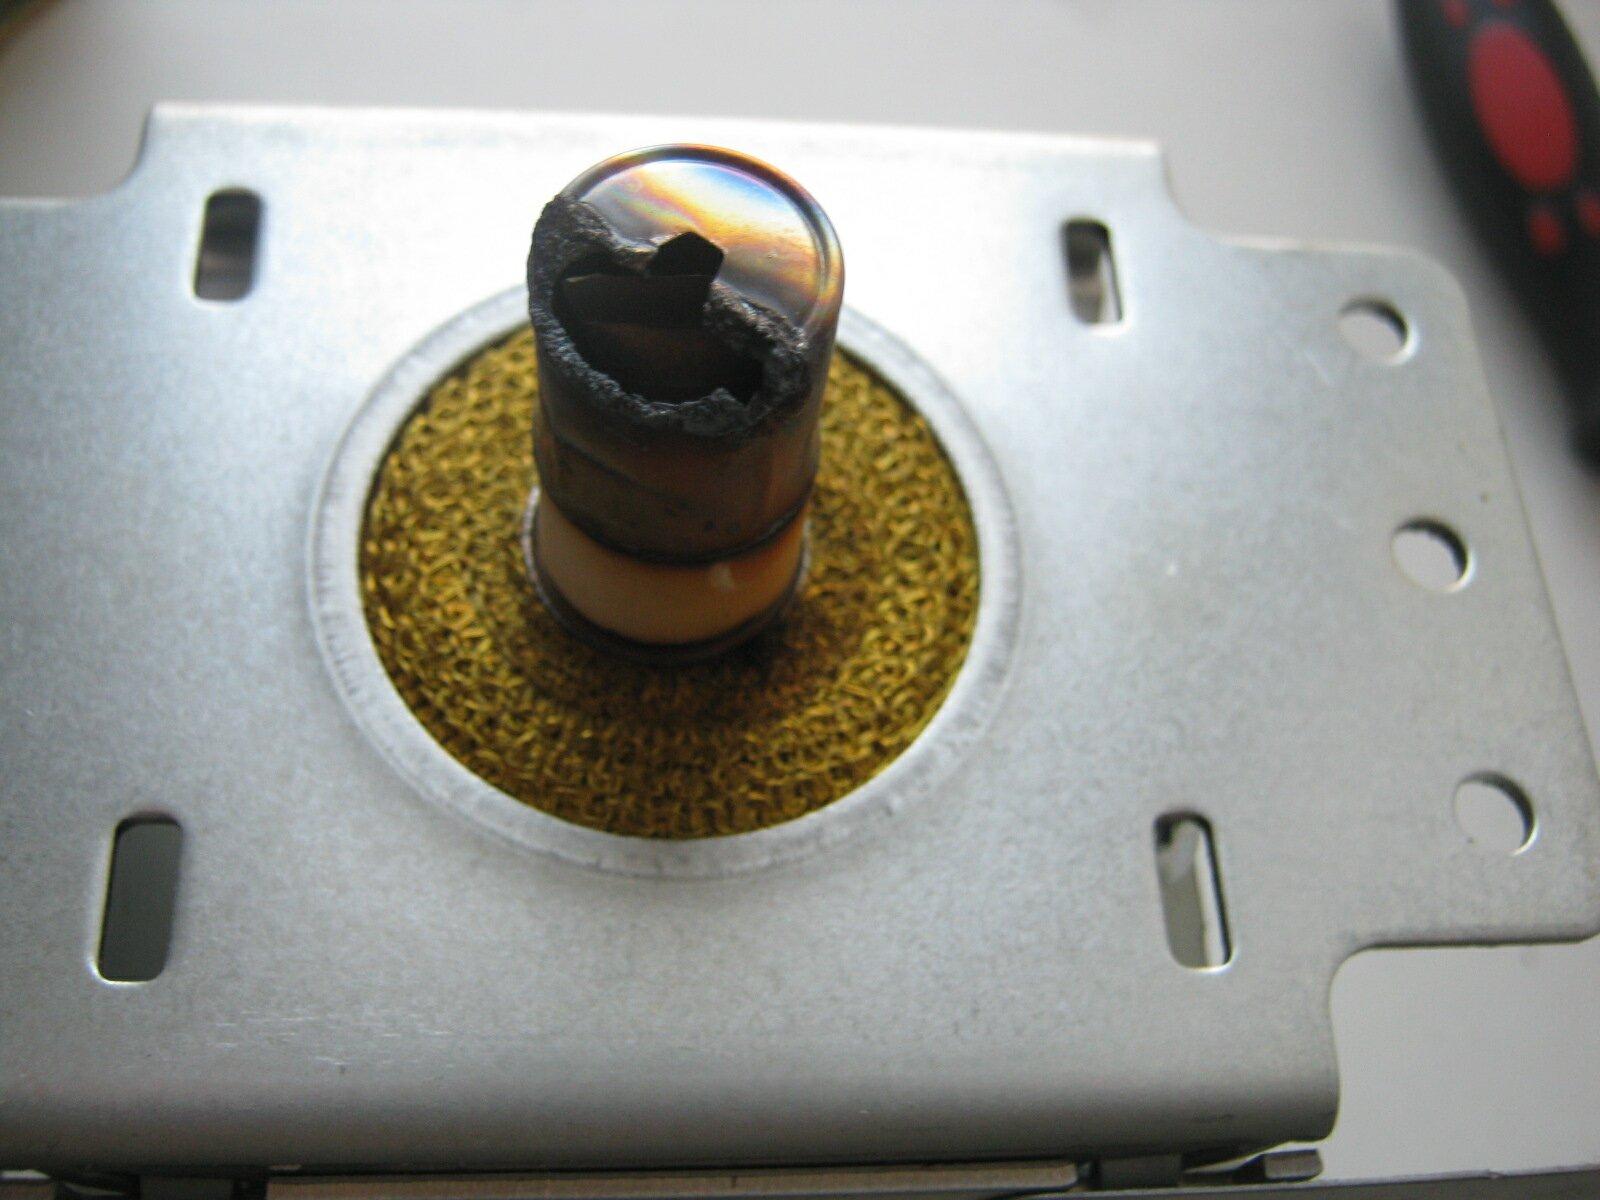 Ремонт колпачка магнетрона микроволновки своими руками 10